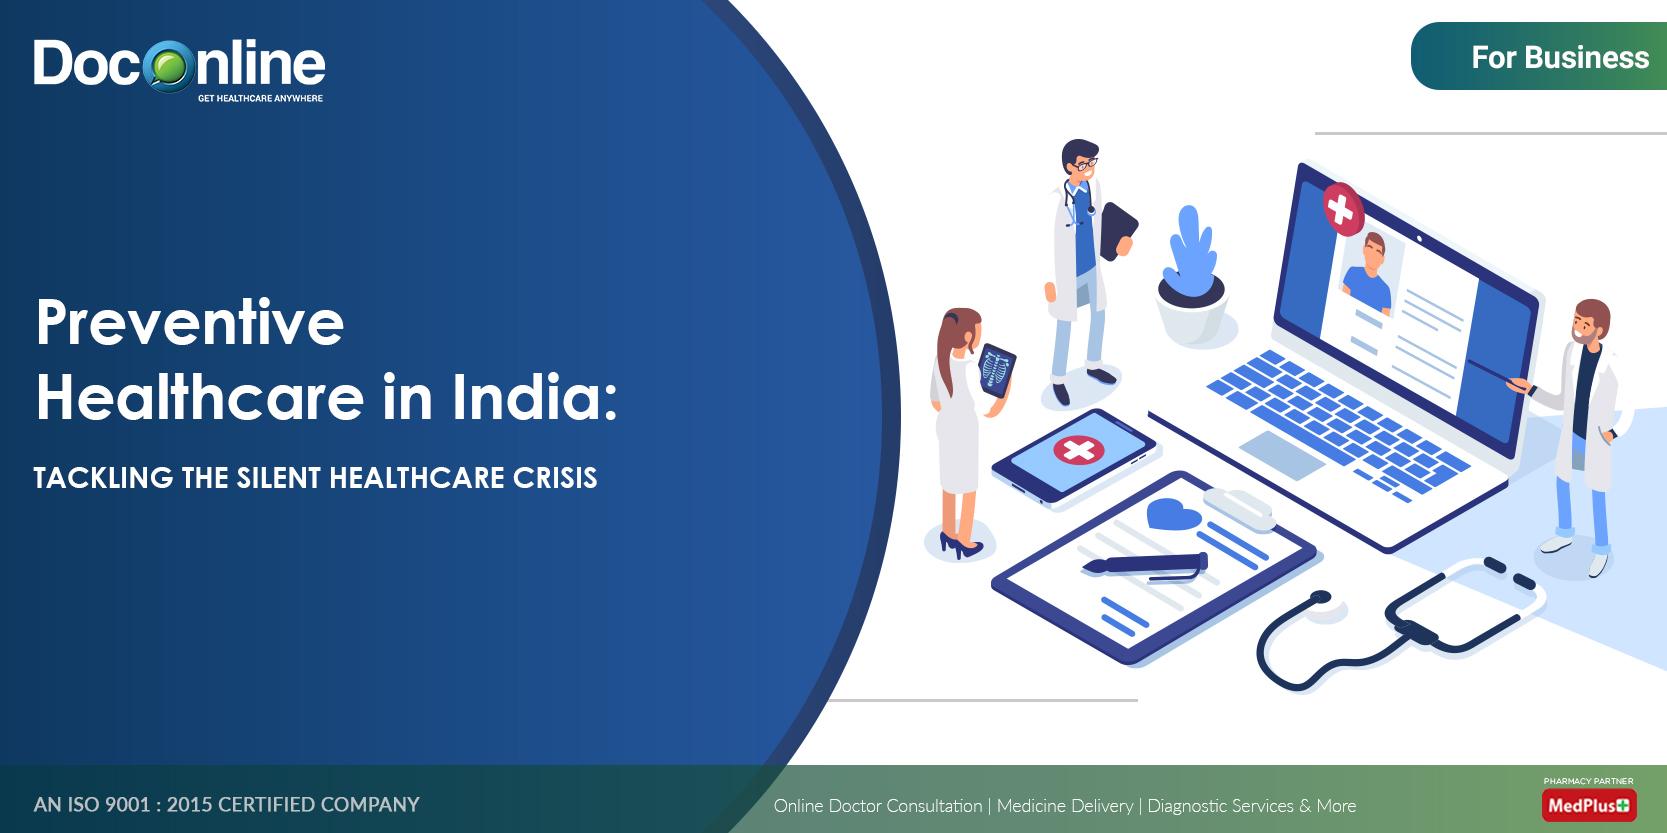 Preventive Healthcare in India